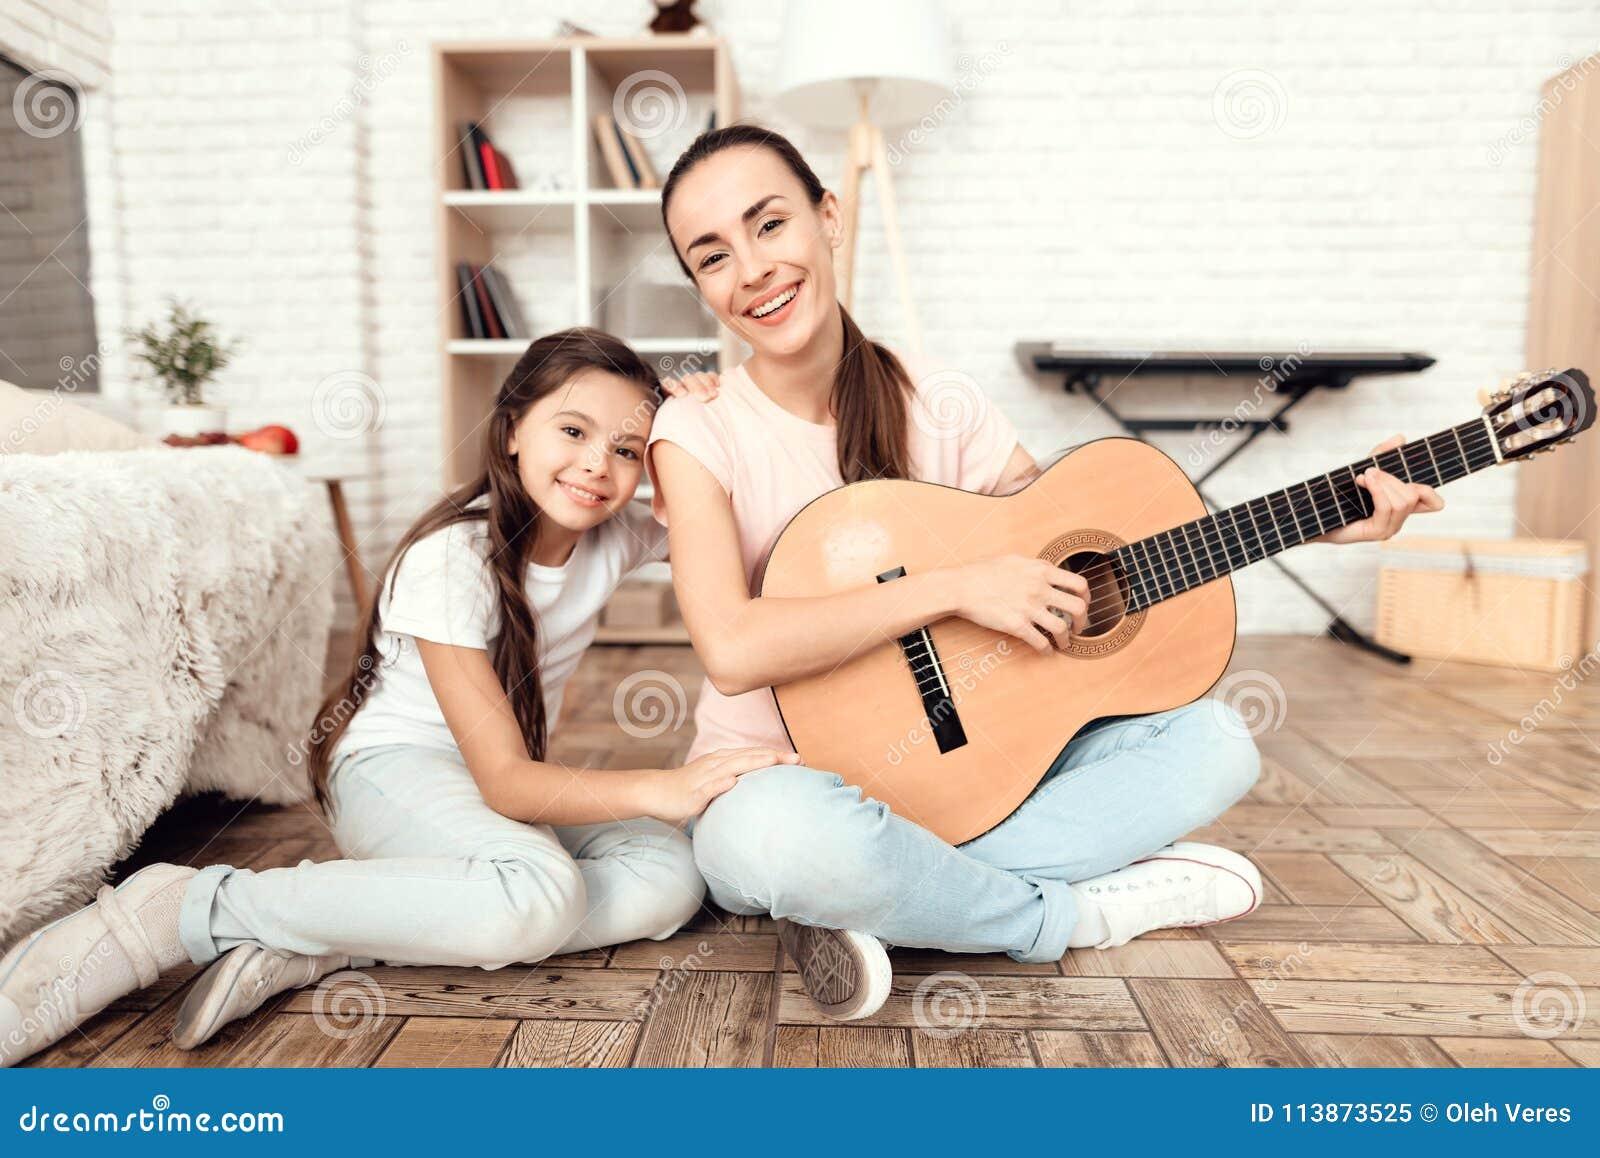 妈妈和她的女儿在家坐地板并且弹吉他 他们唱歌到吉他